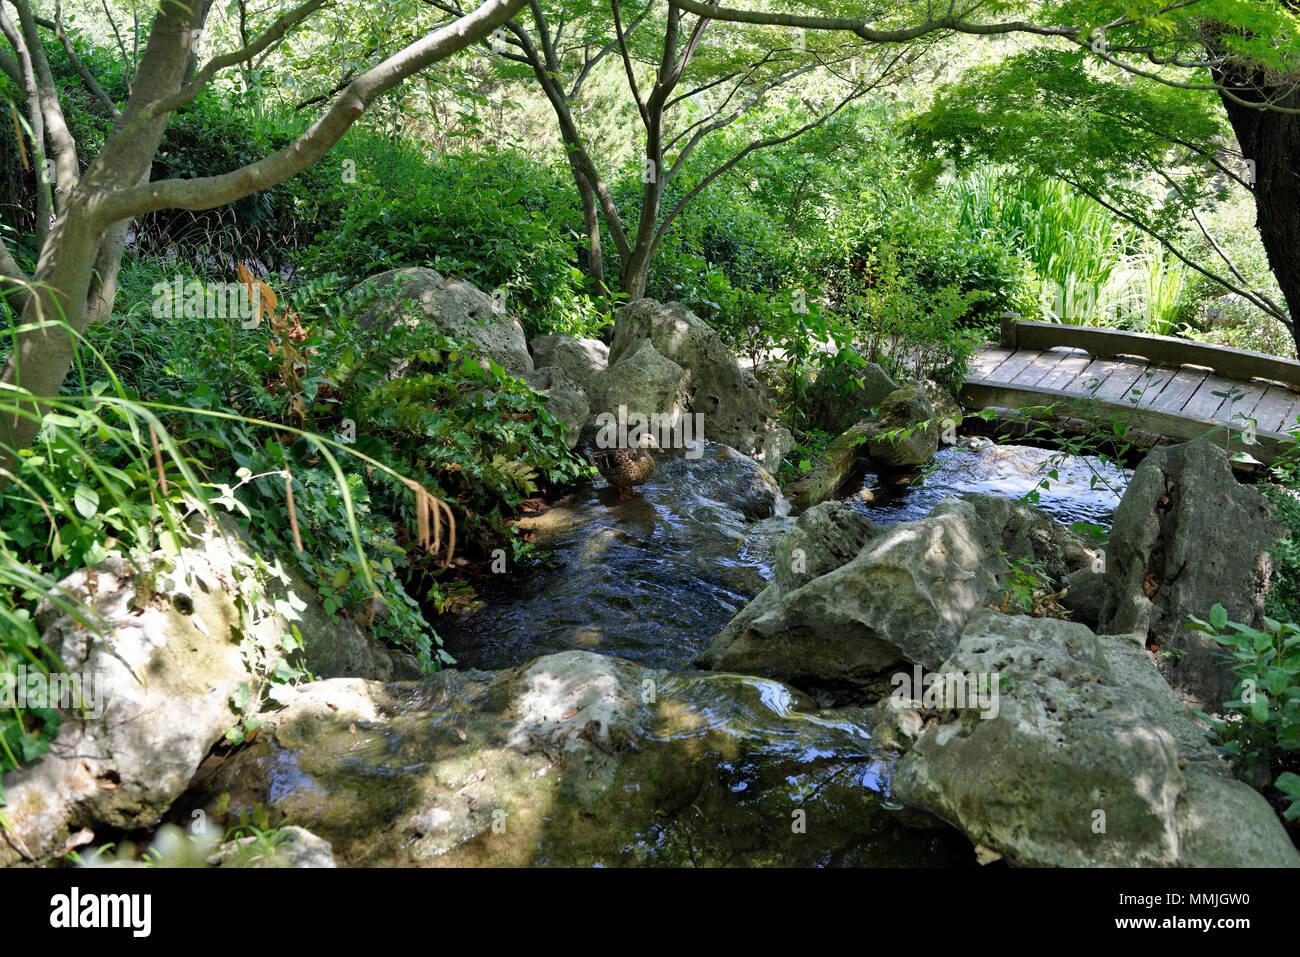 Un anatra sorge in uno stagno del giardino giapponese orto